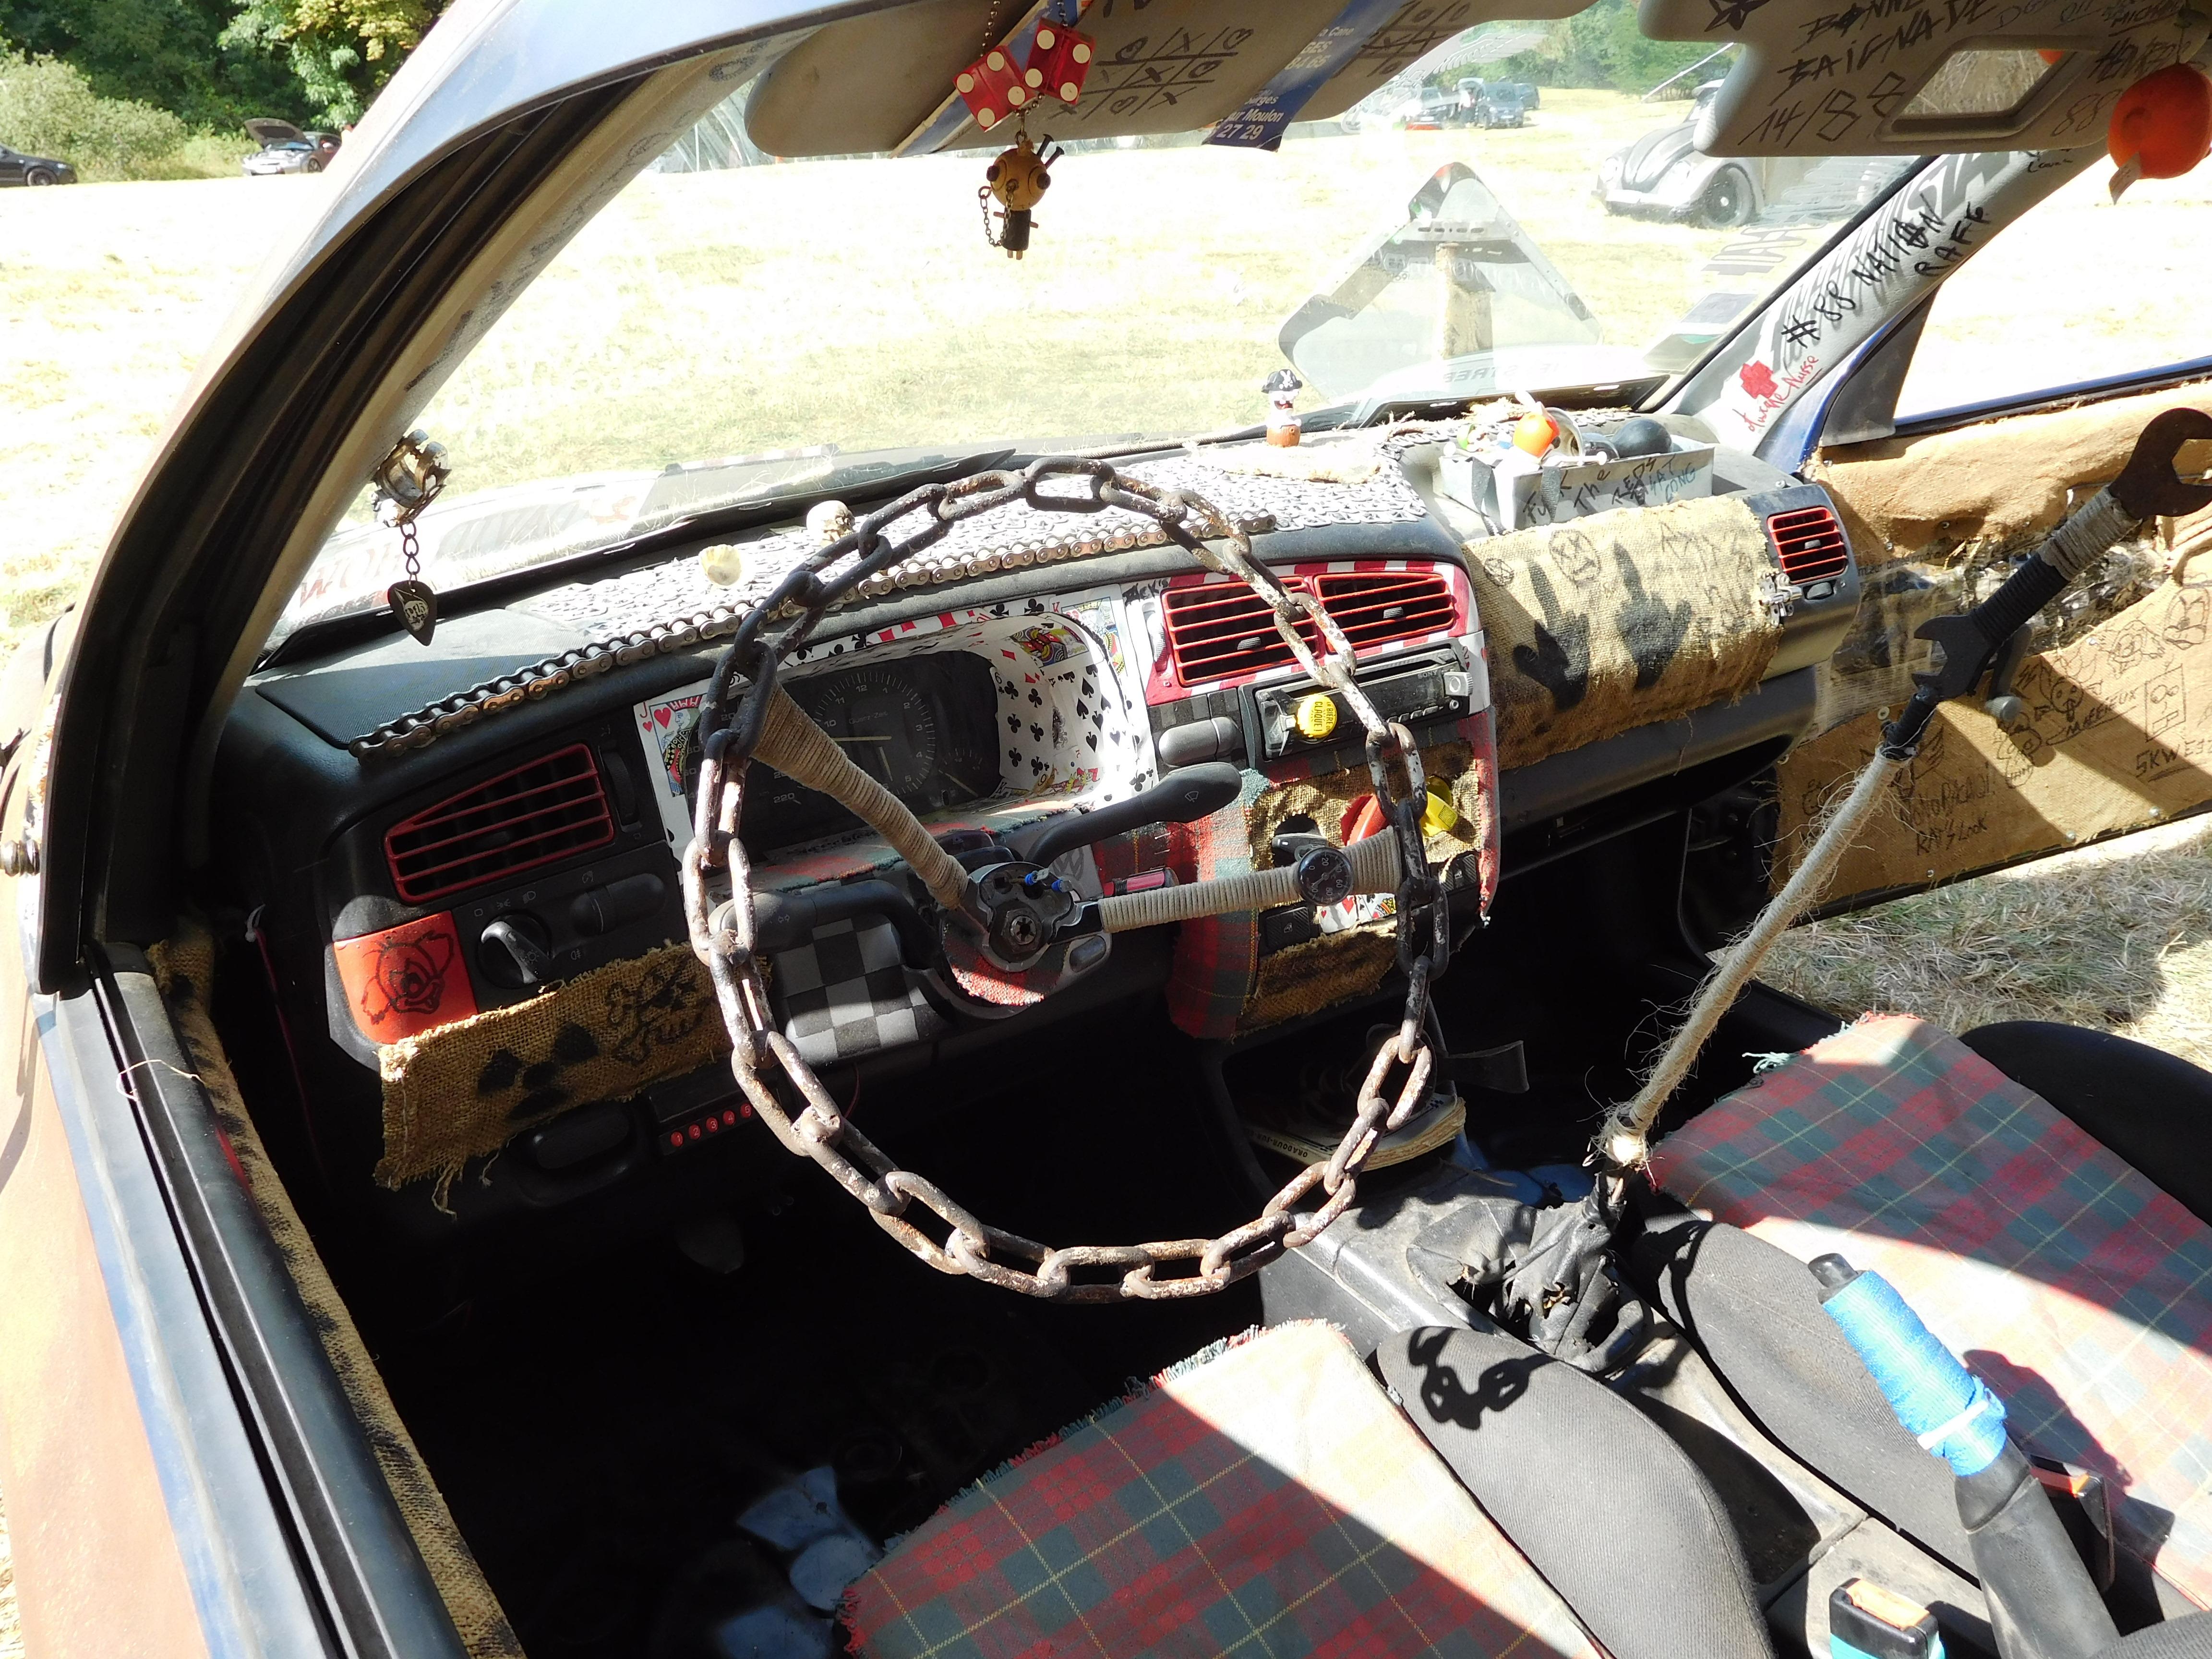 File:Volkswagen Golf III dashboard, Rat's look jpg - Wikimedia Commons